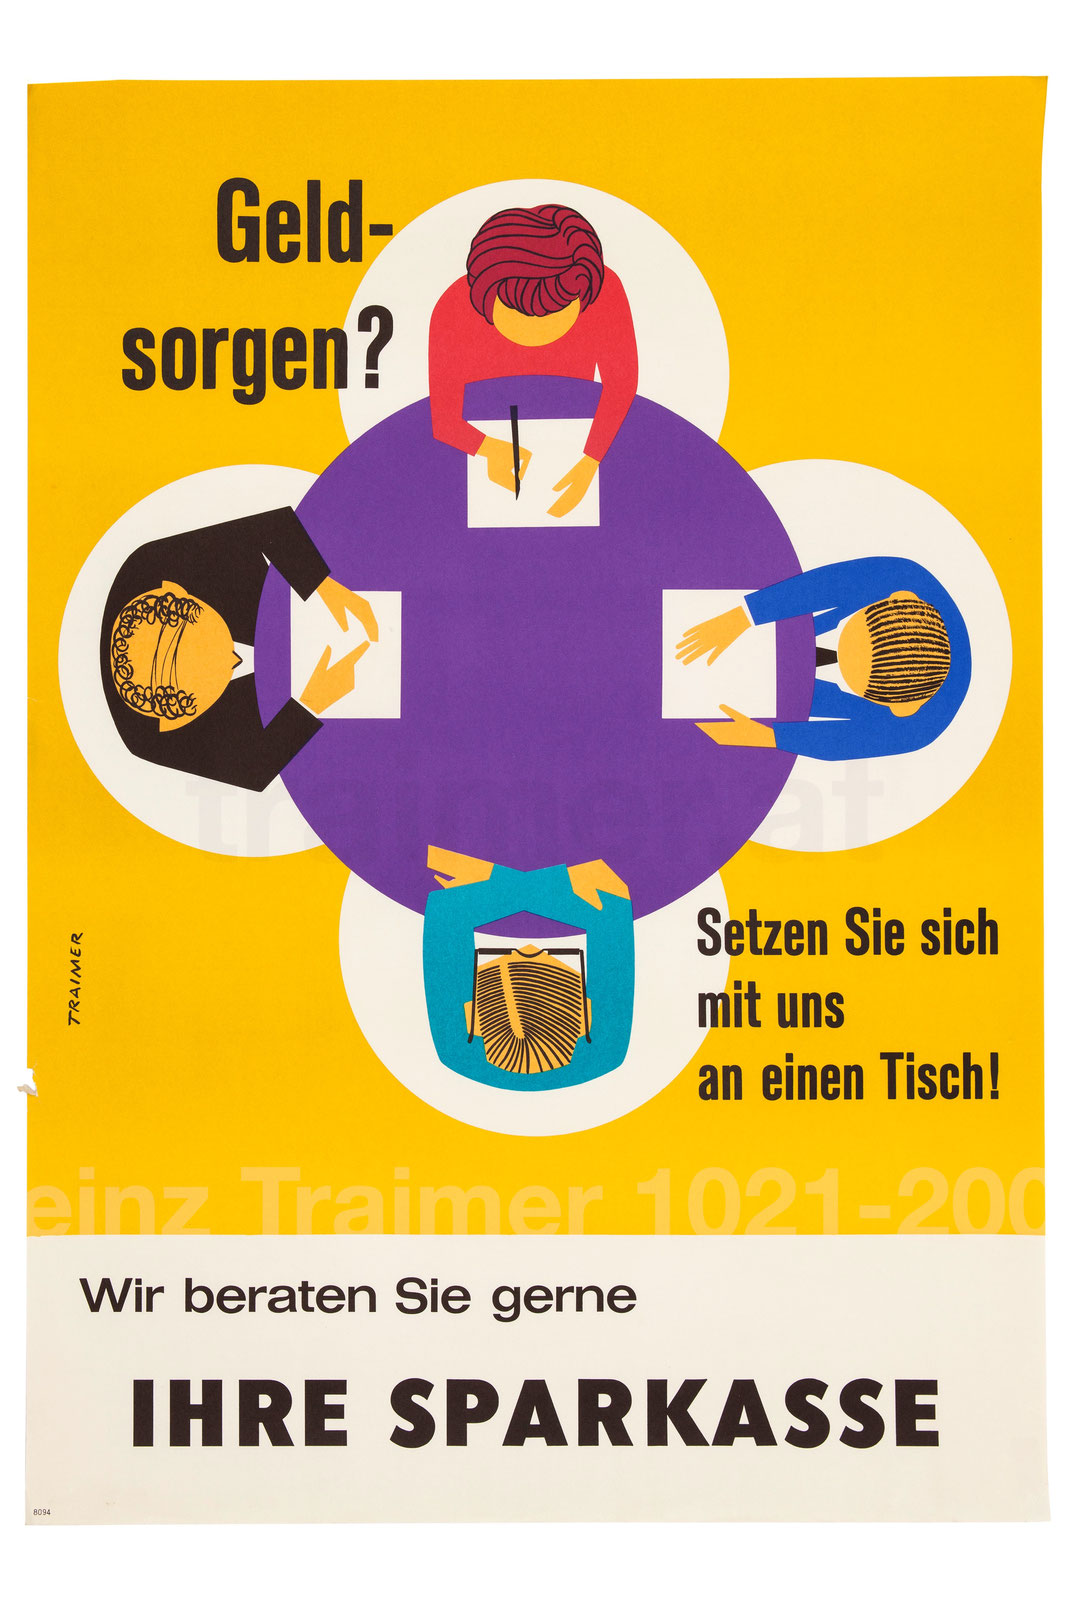 Geldsorgen? Plakat der Sparkasse von Heinz Traimer für Kreditnehmer.